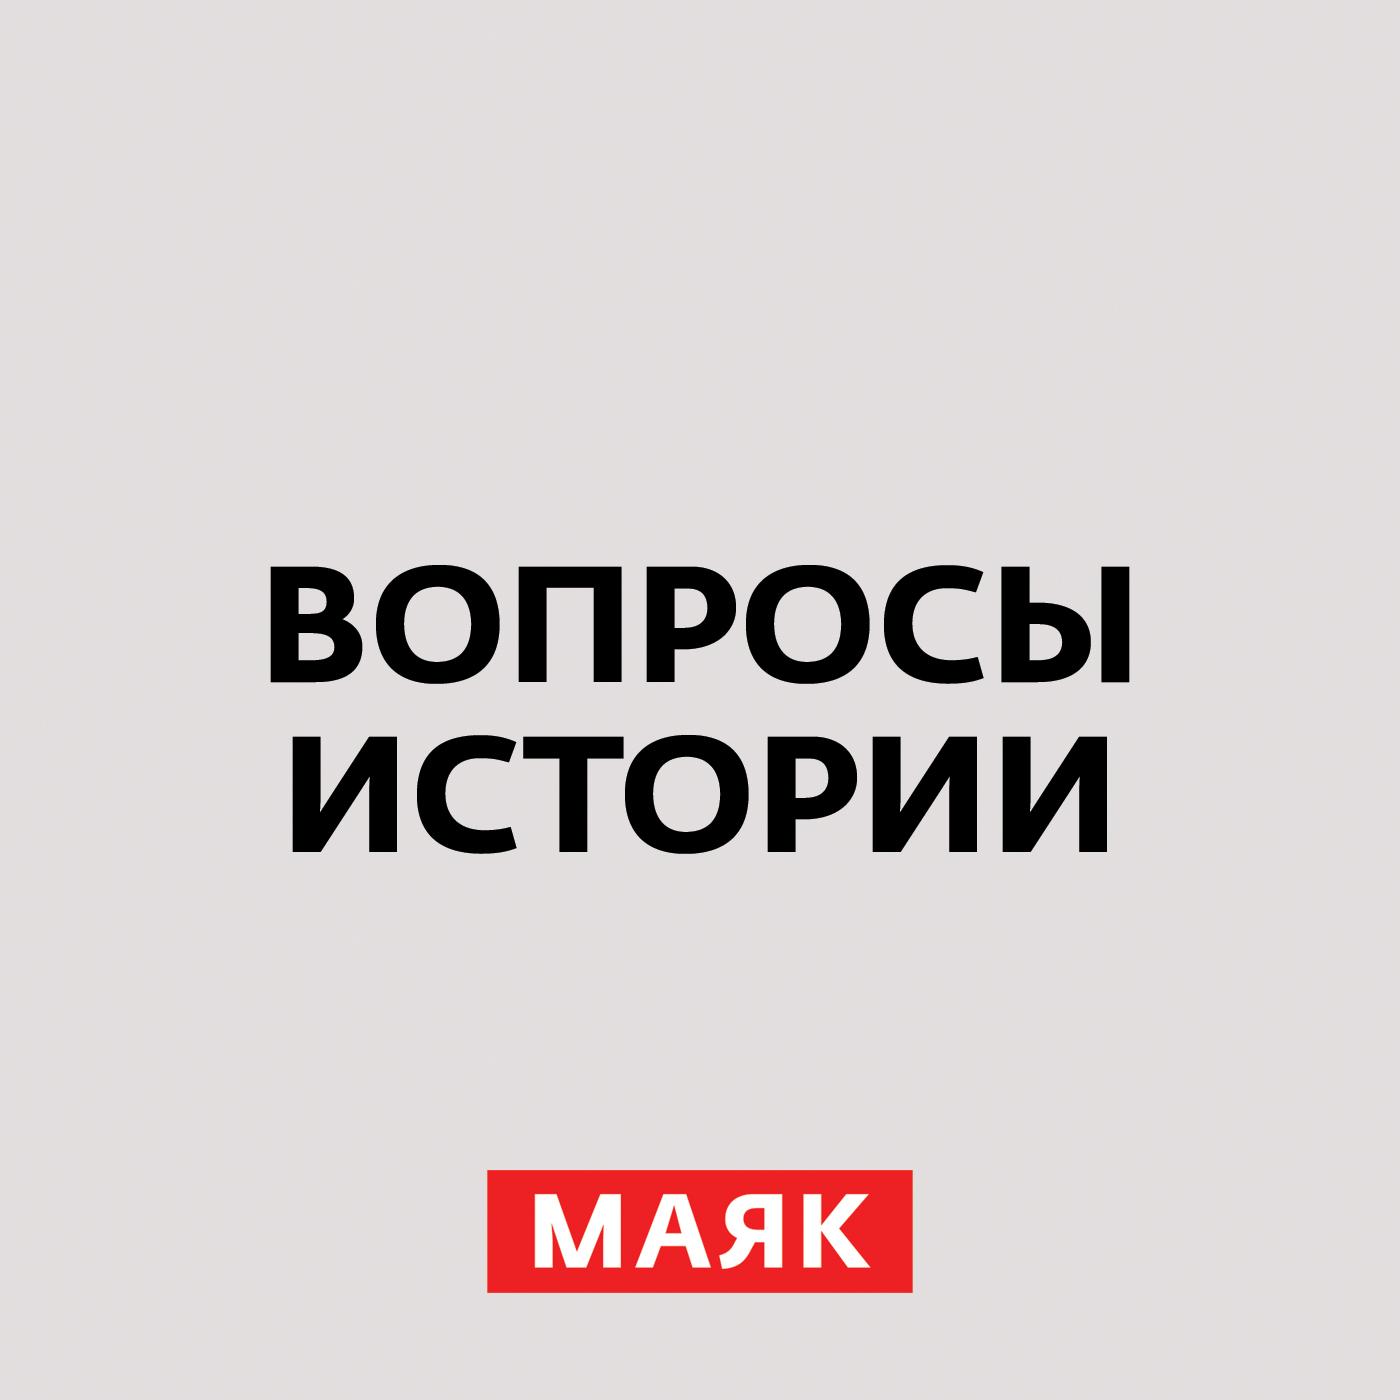 Андрей Светенко XX съезд КПСС. Что это было? андрей светенко писатель – не диагноз писатель – это боль